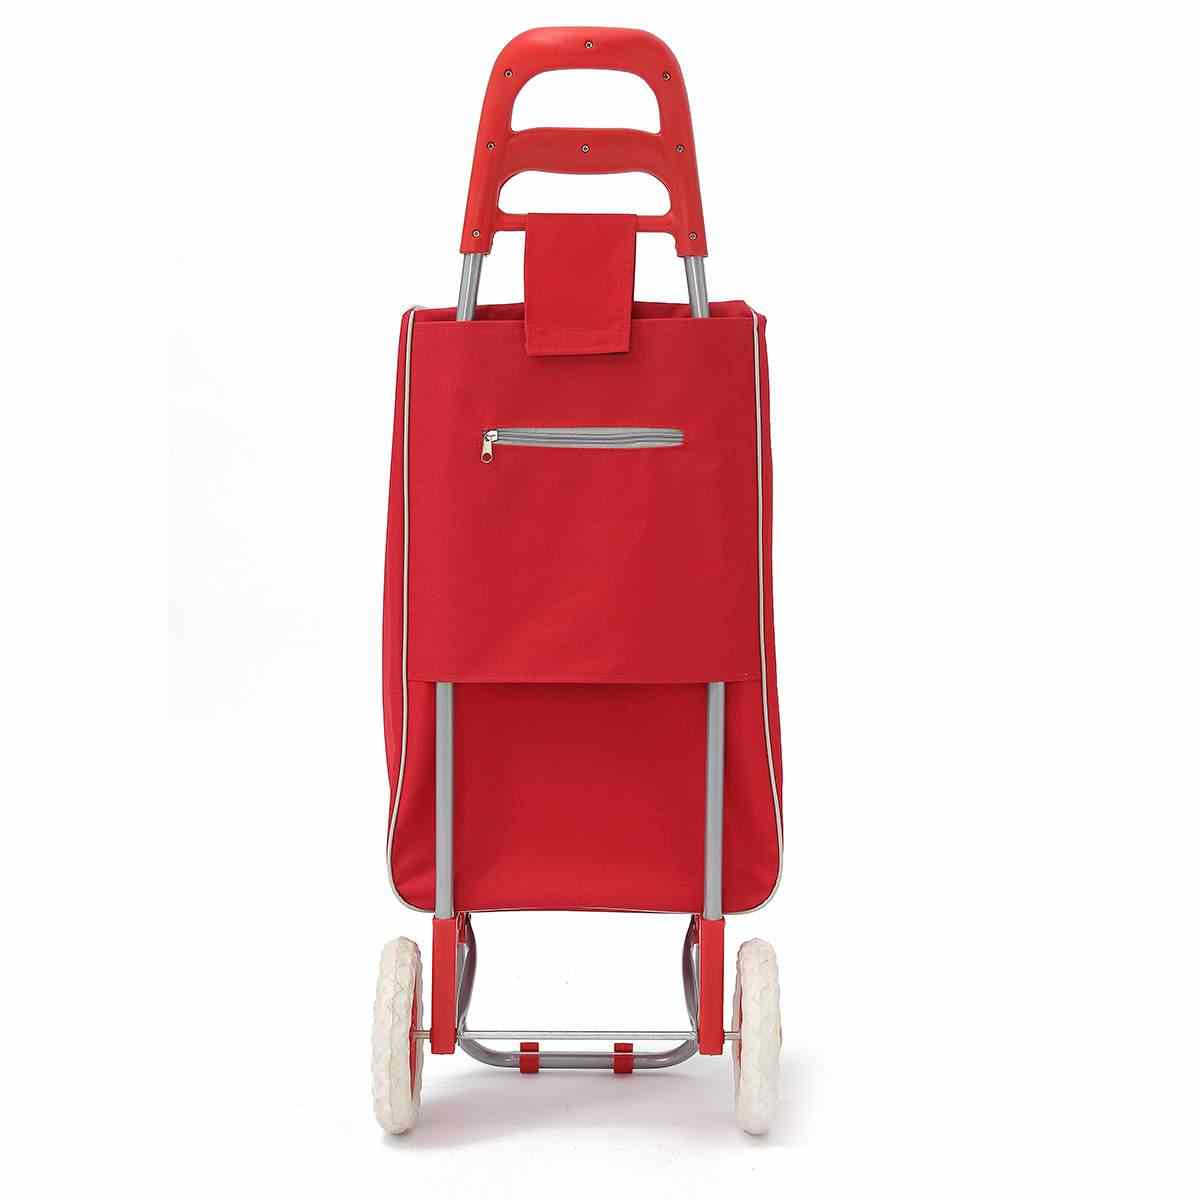 45l dobrável carrinho de compras saco sobre rodas empurrar tote carrinhos carrinho carrinho cesta bagagem rodas oxford tecido floding